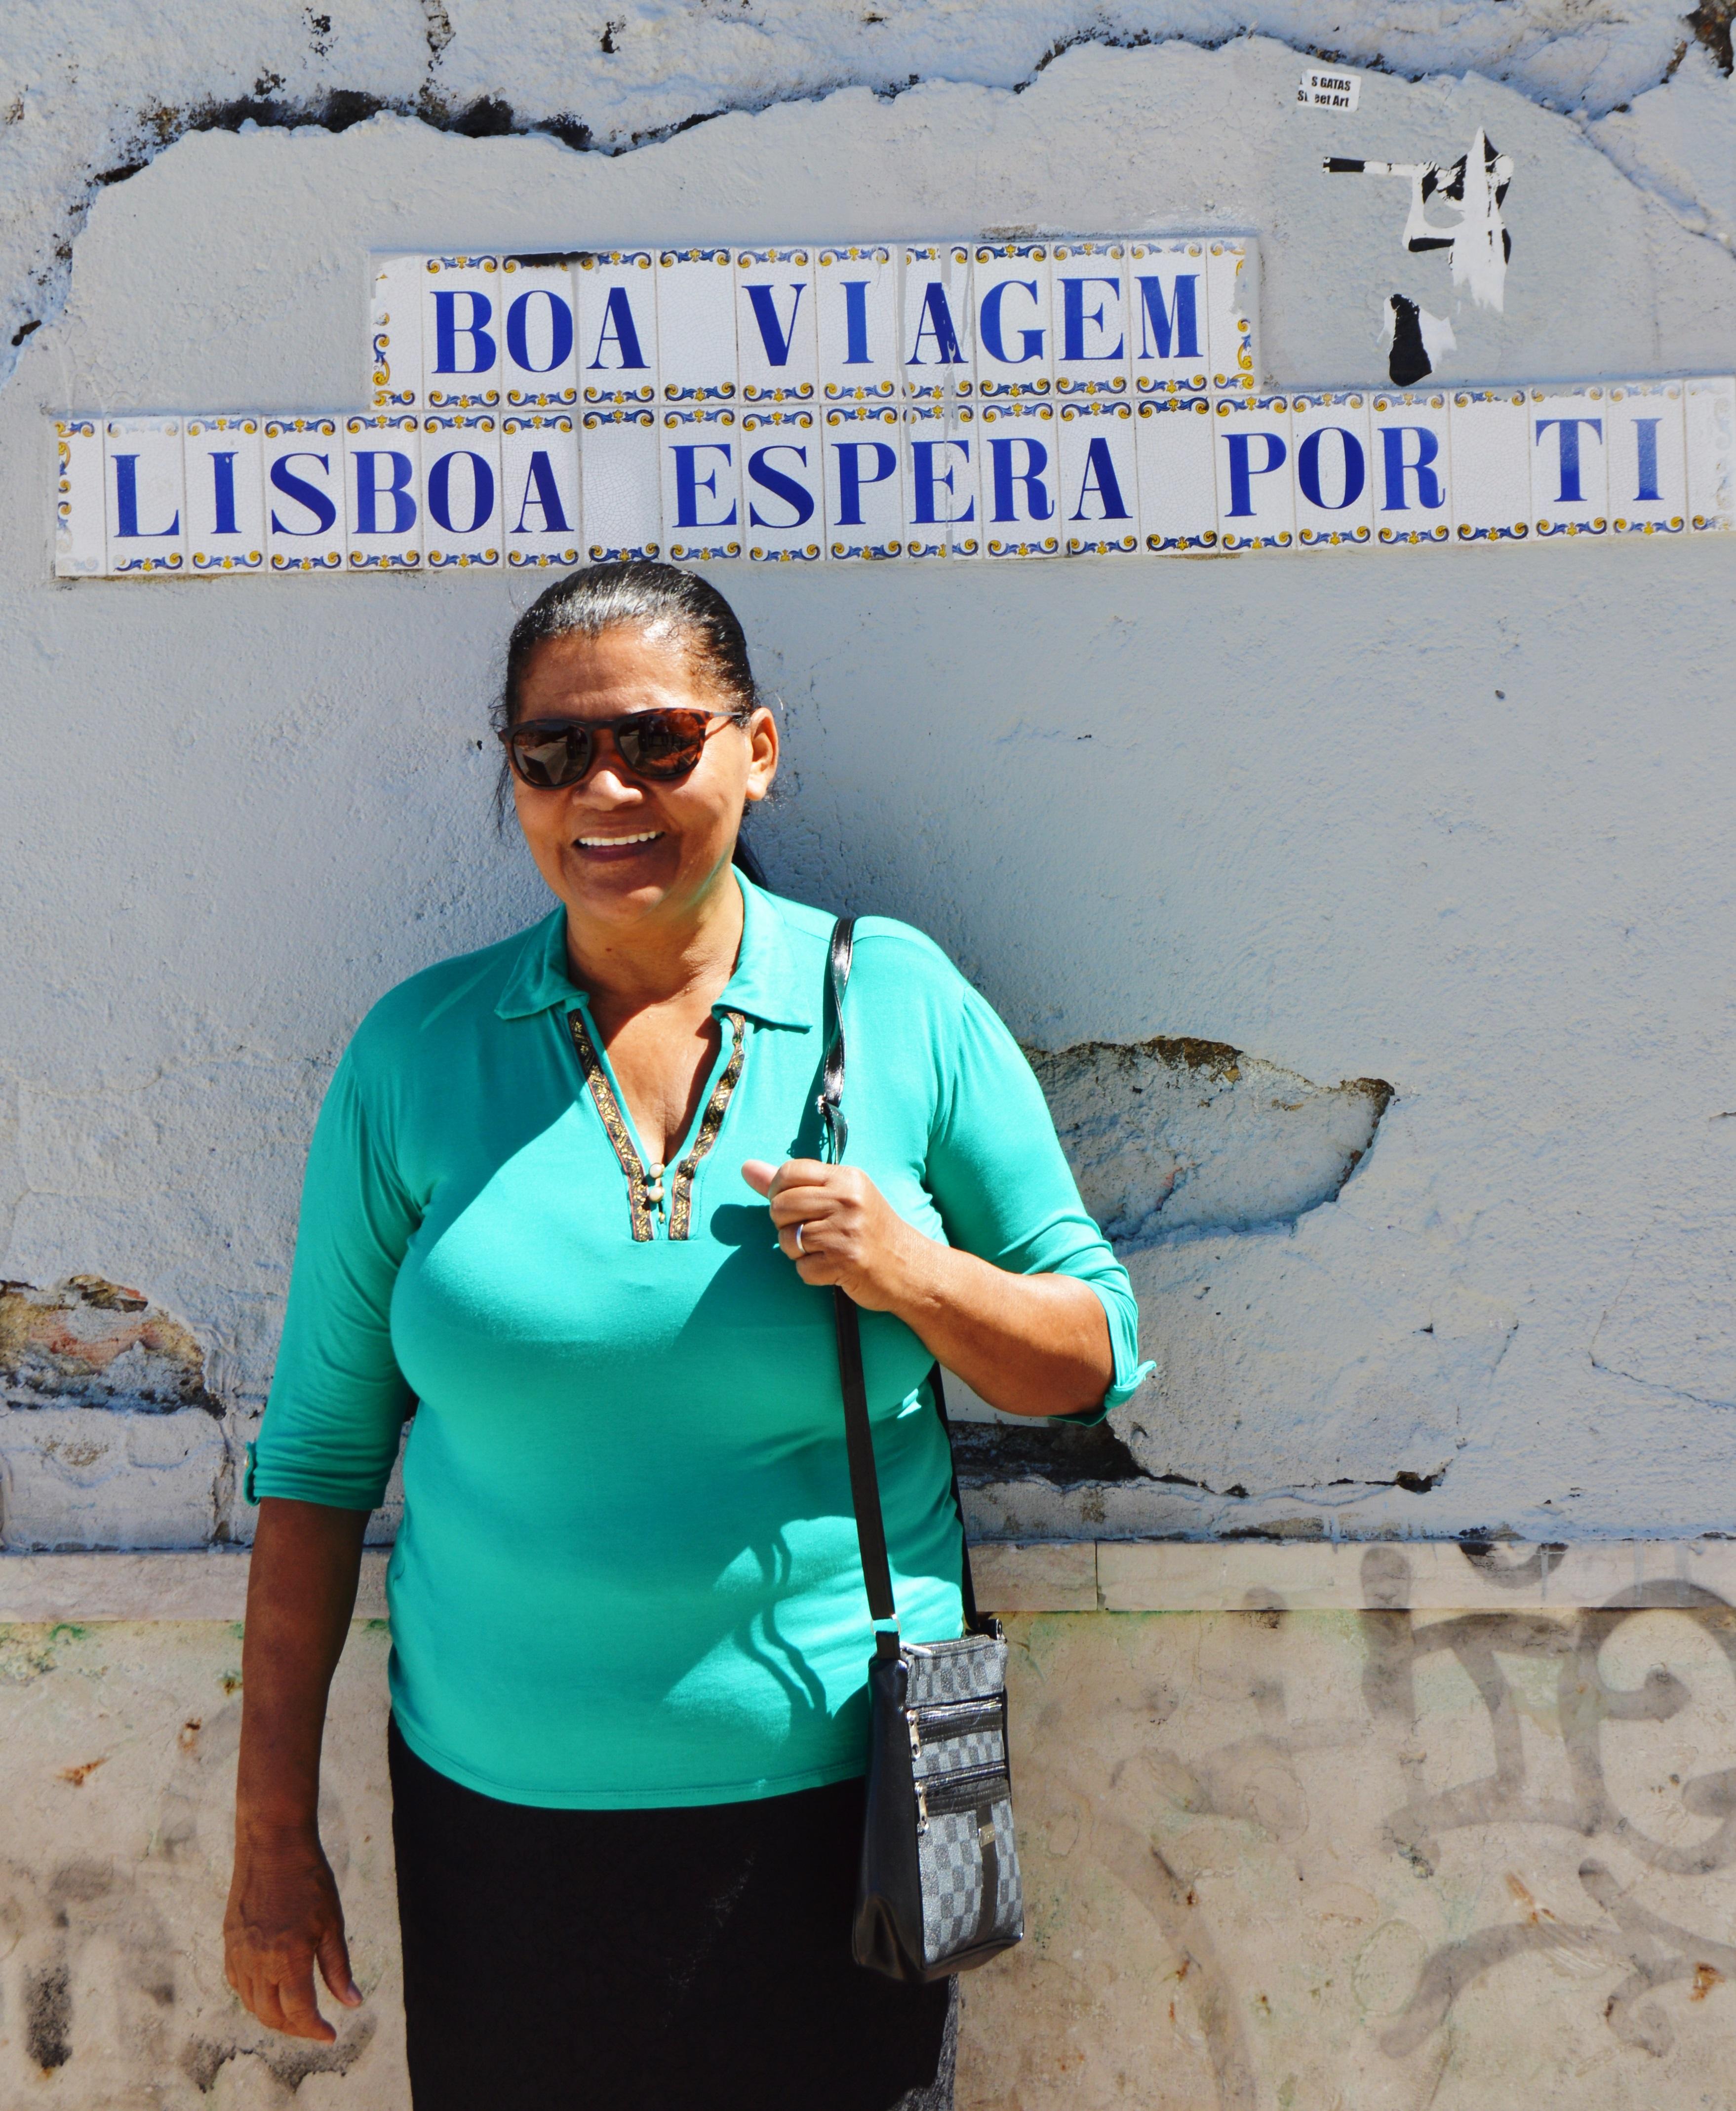 Mesmo sem saber ler, esta mãe foi visitar filho em Portugal e recebeu lindo presente 6